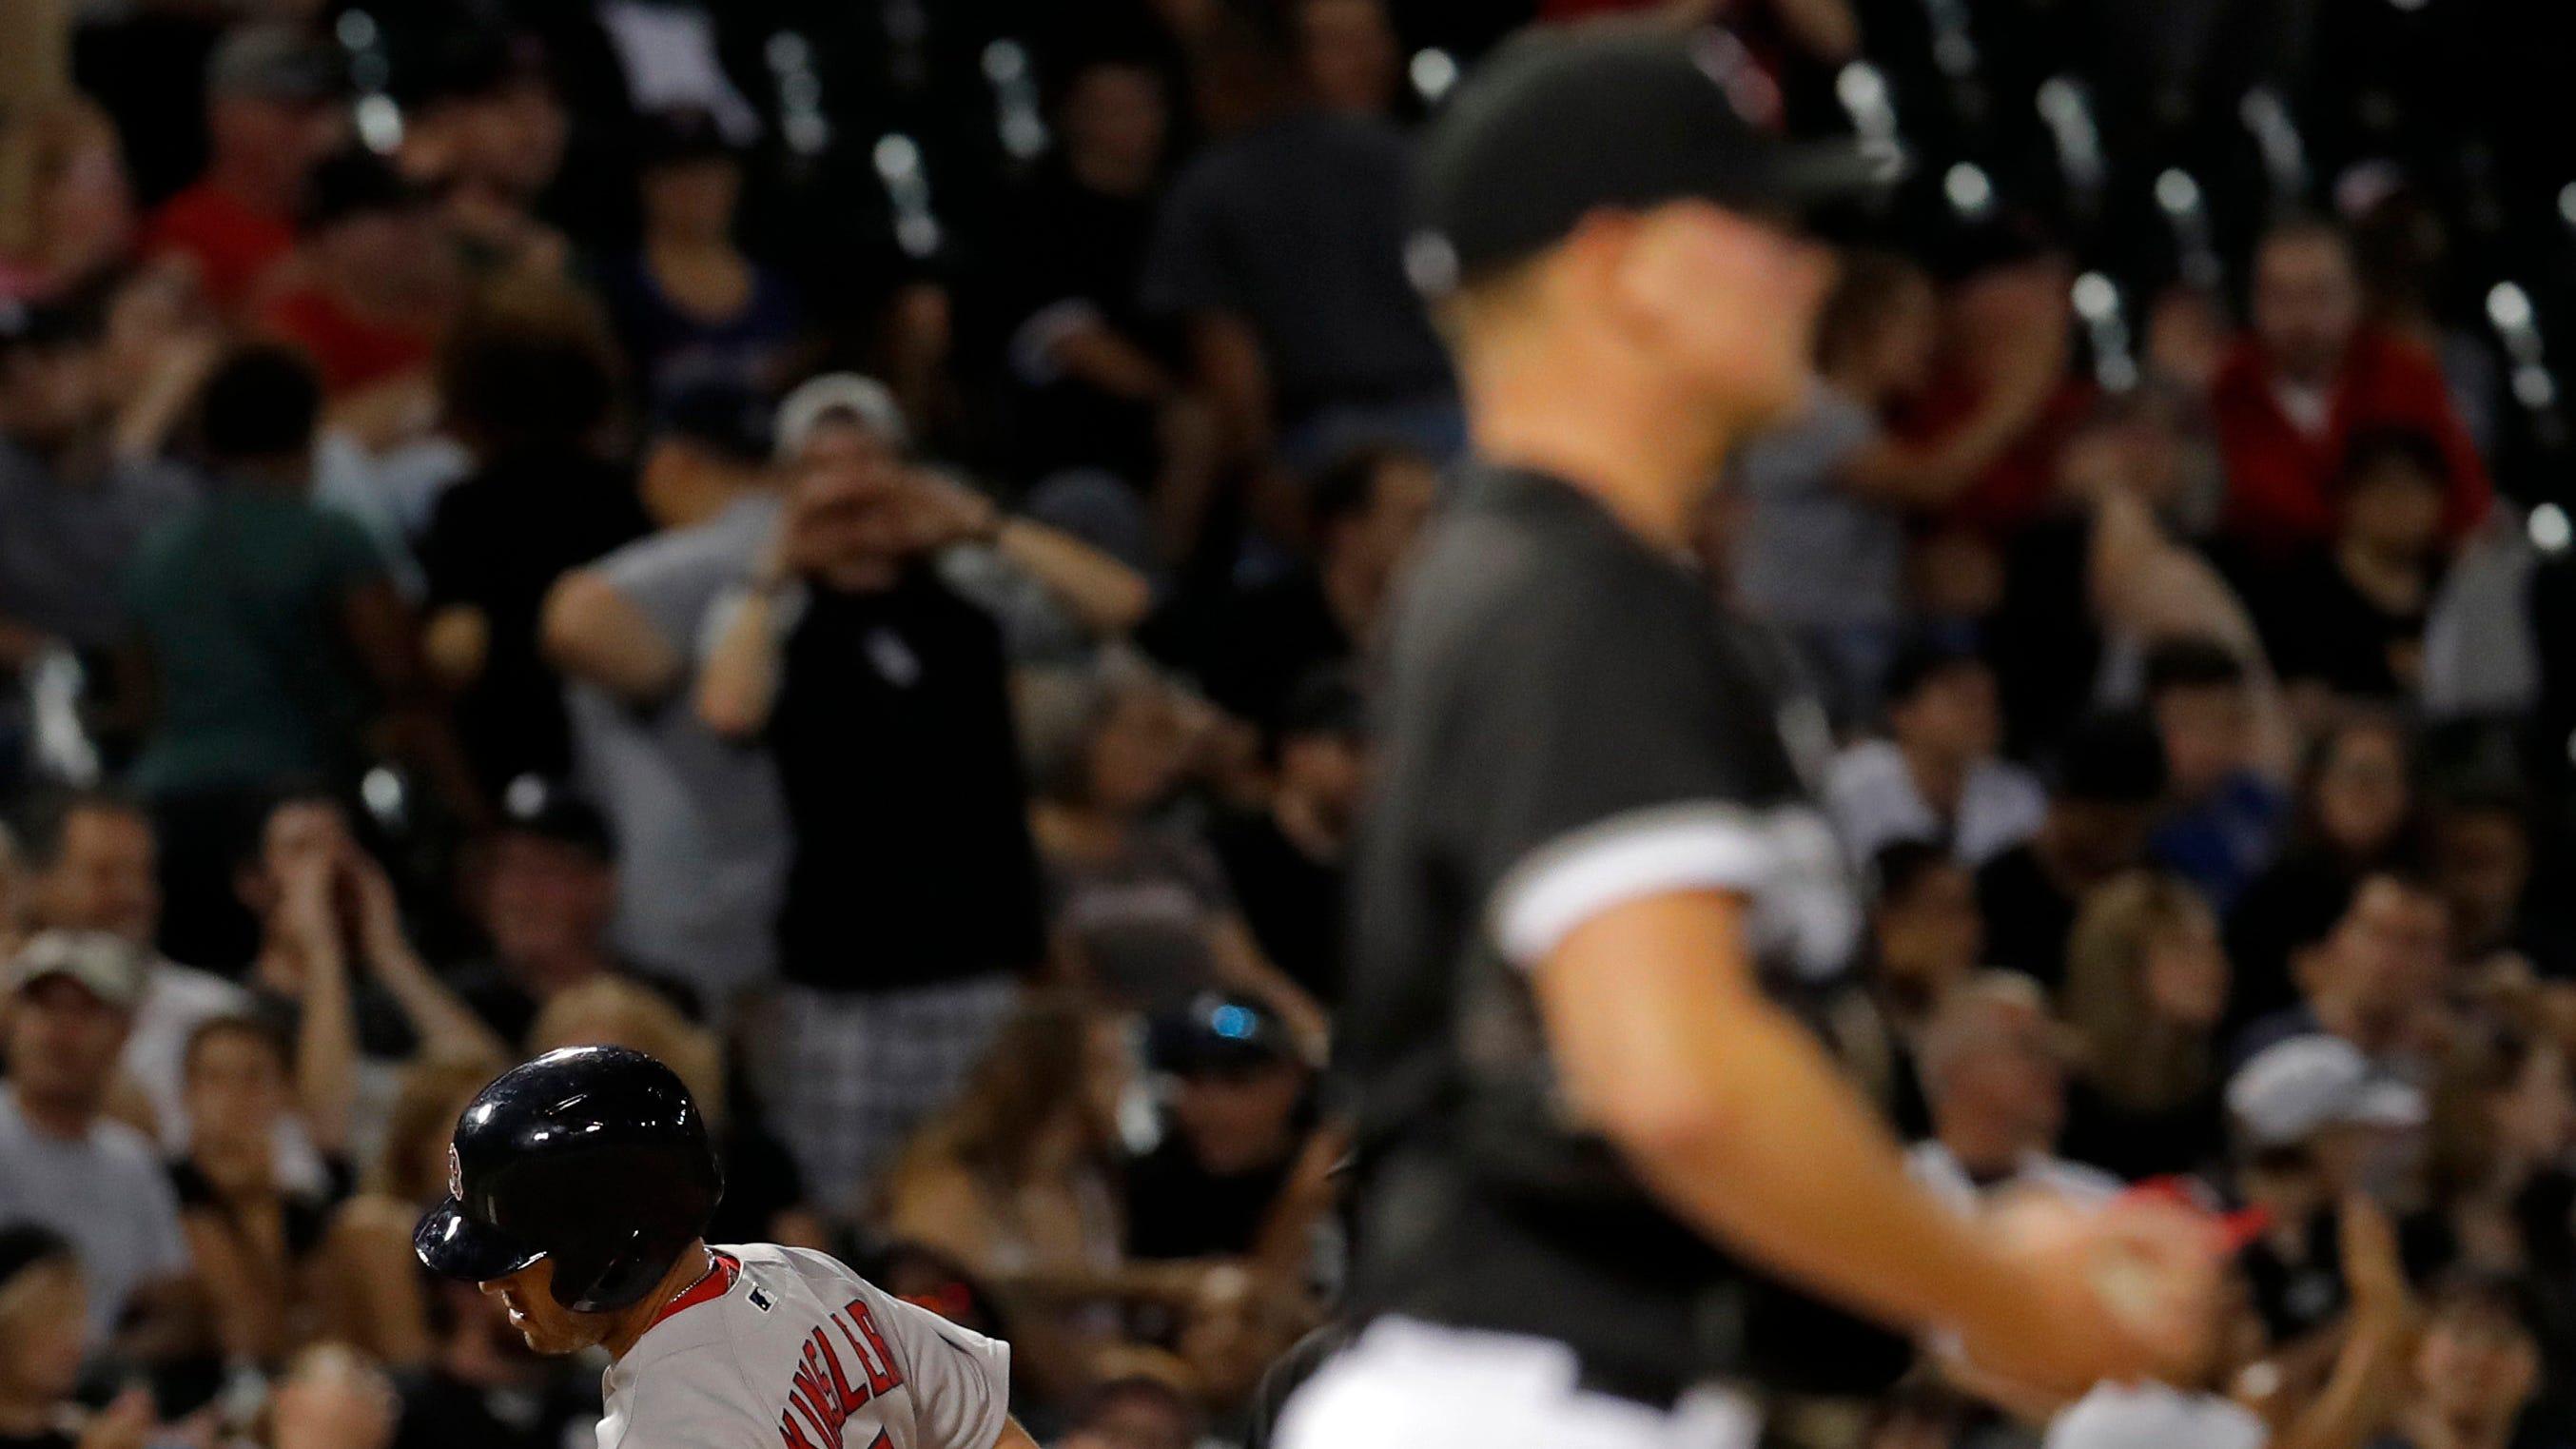 Ryan Burr, Adam McCreery latest former ASU baseball players to make MLB debuts